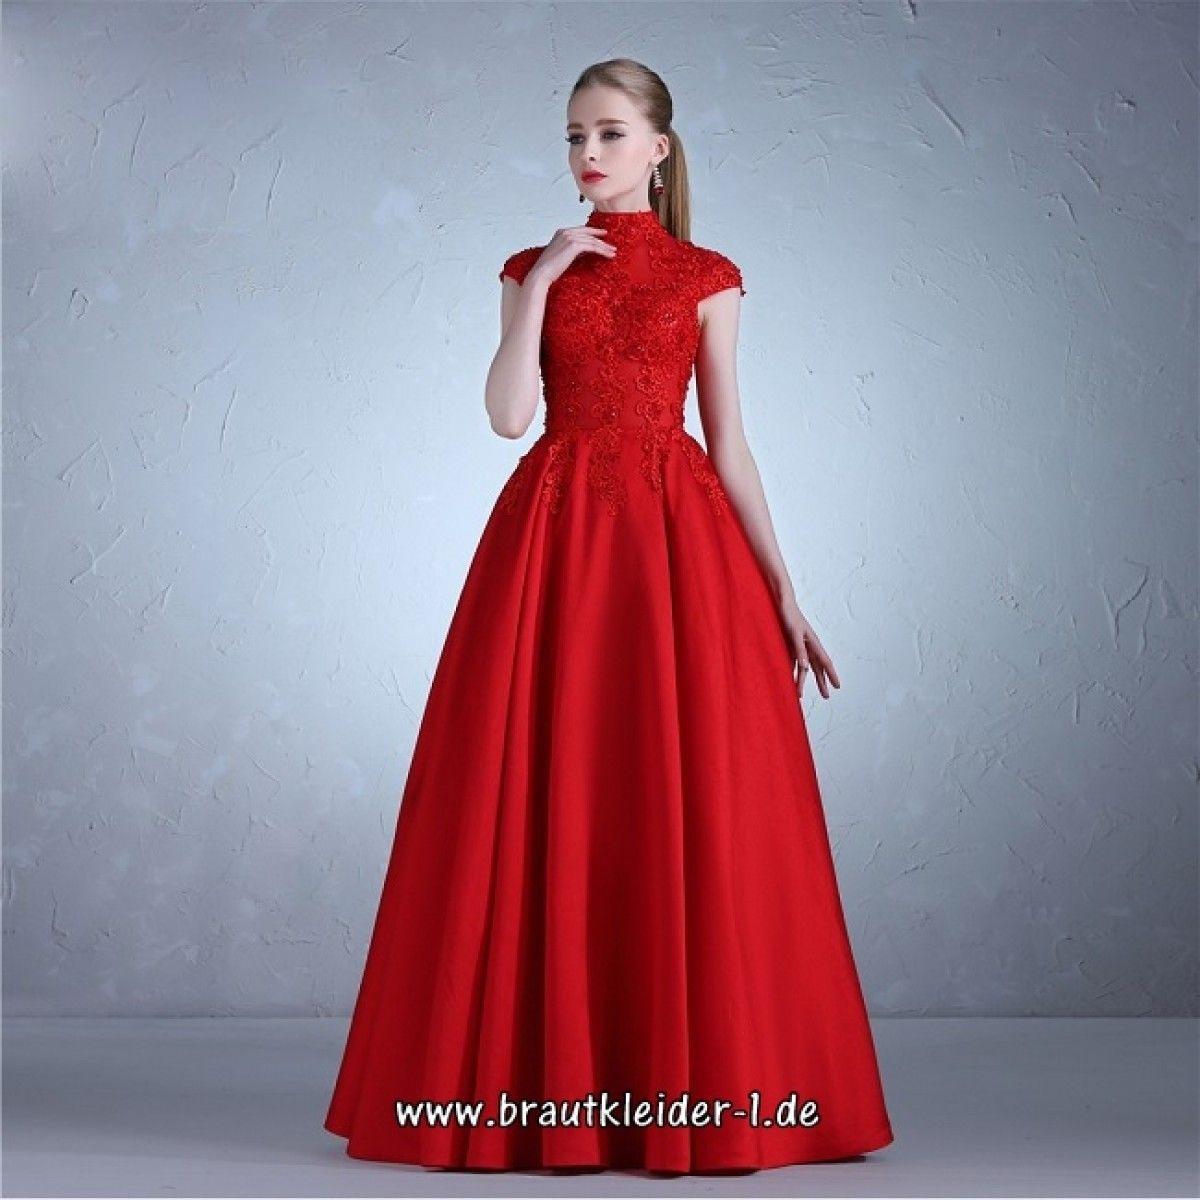 Rotes Brautkleid Online Hochgeschlossen | Brautkleid